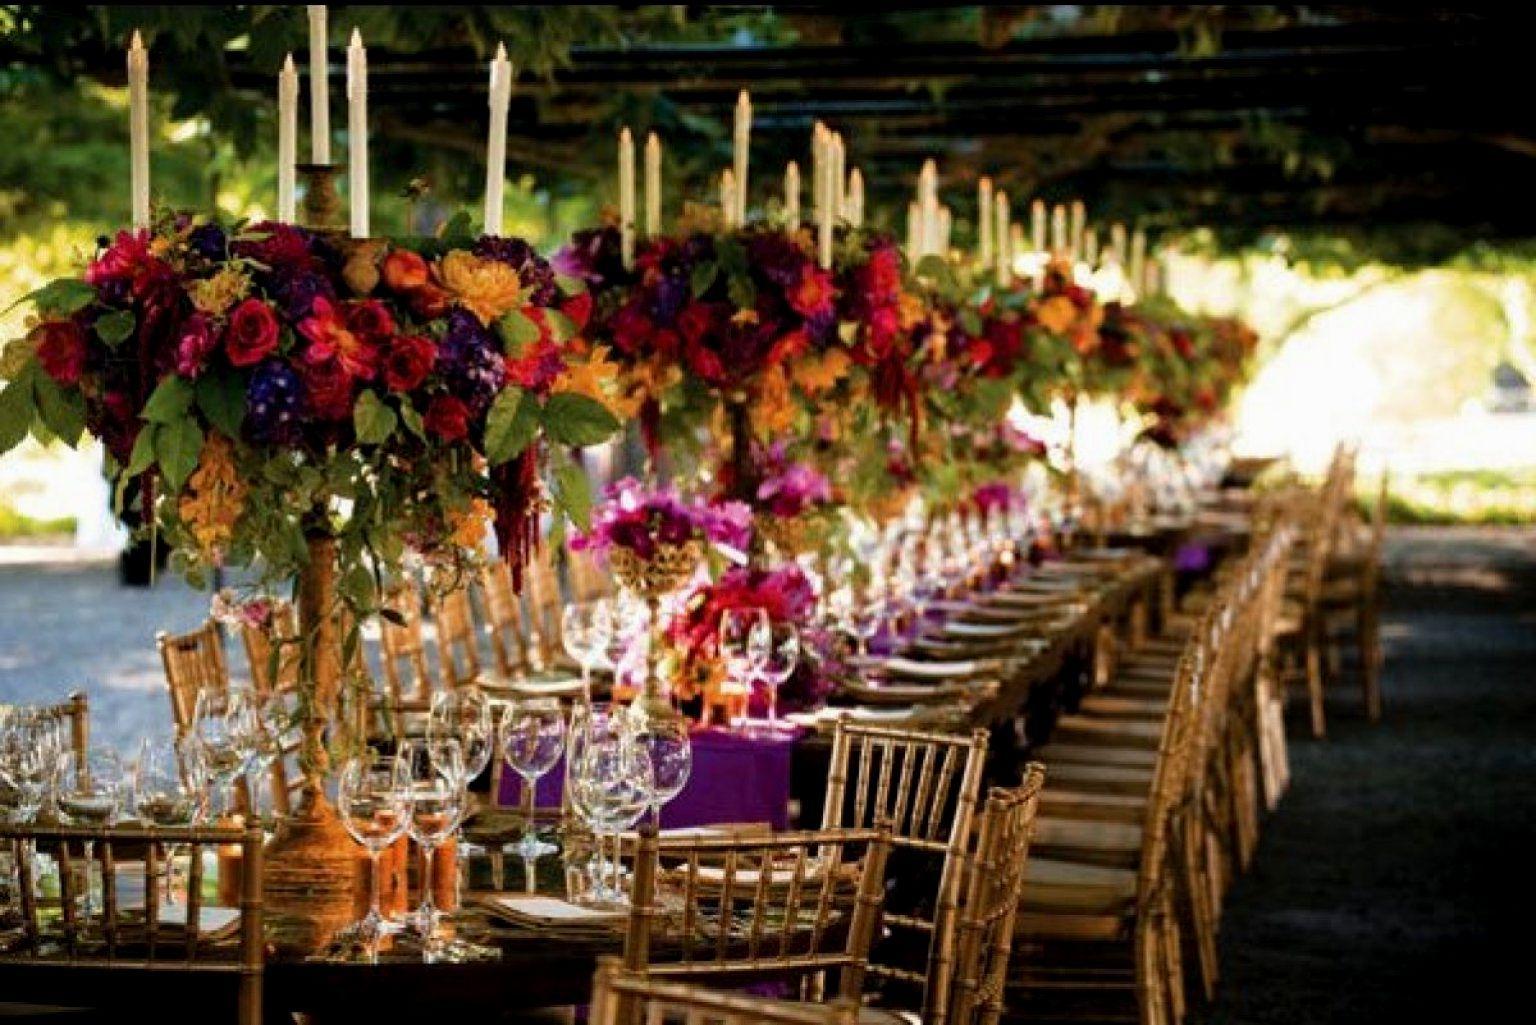 Autumn wedding table decorations uk autumn wedding theme autumn wedding table decorations uk junglespirit Choice Image